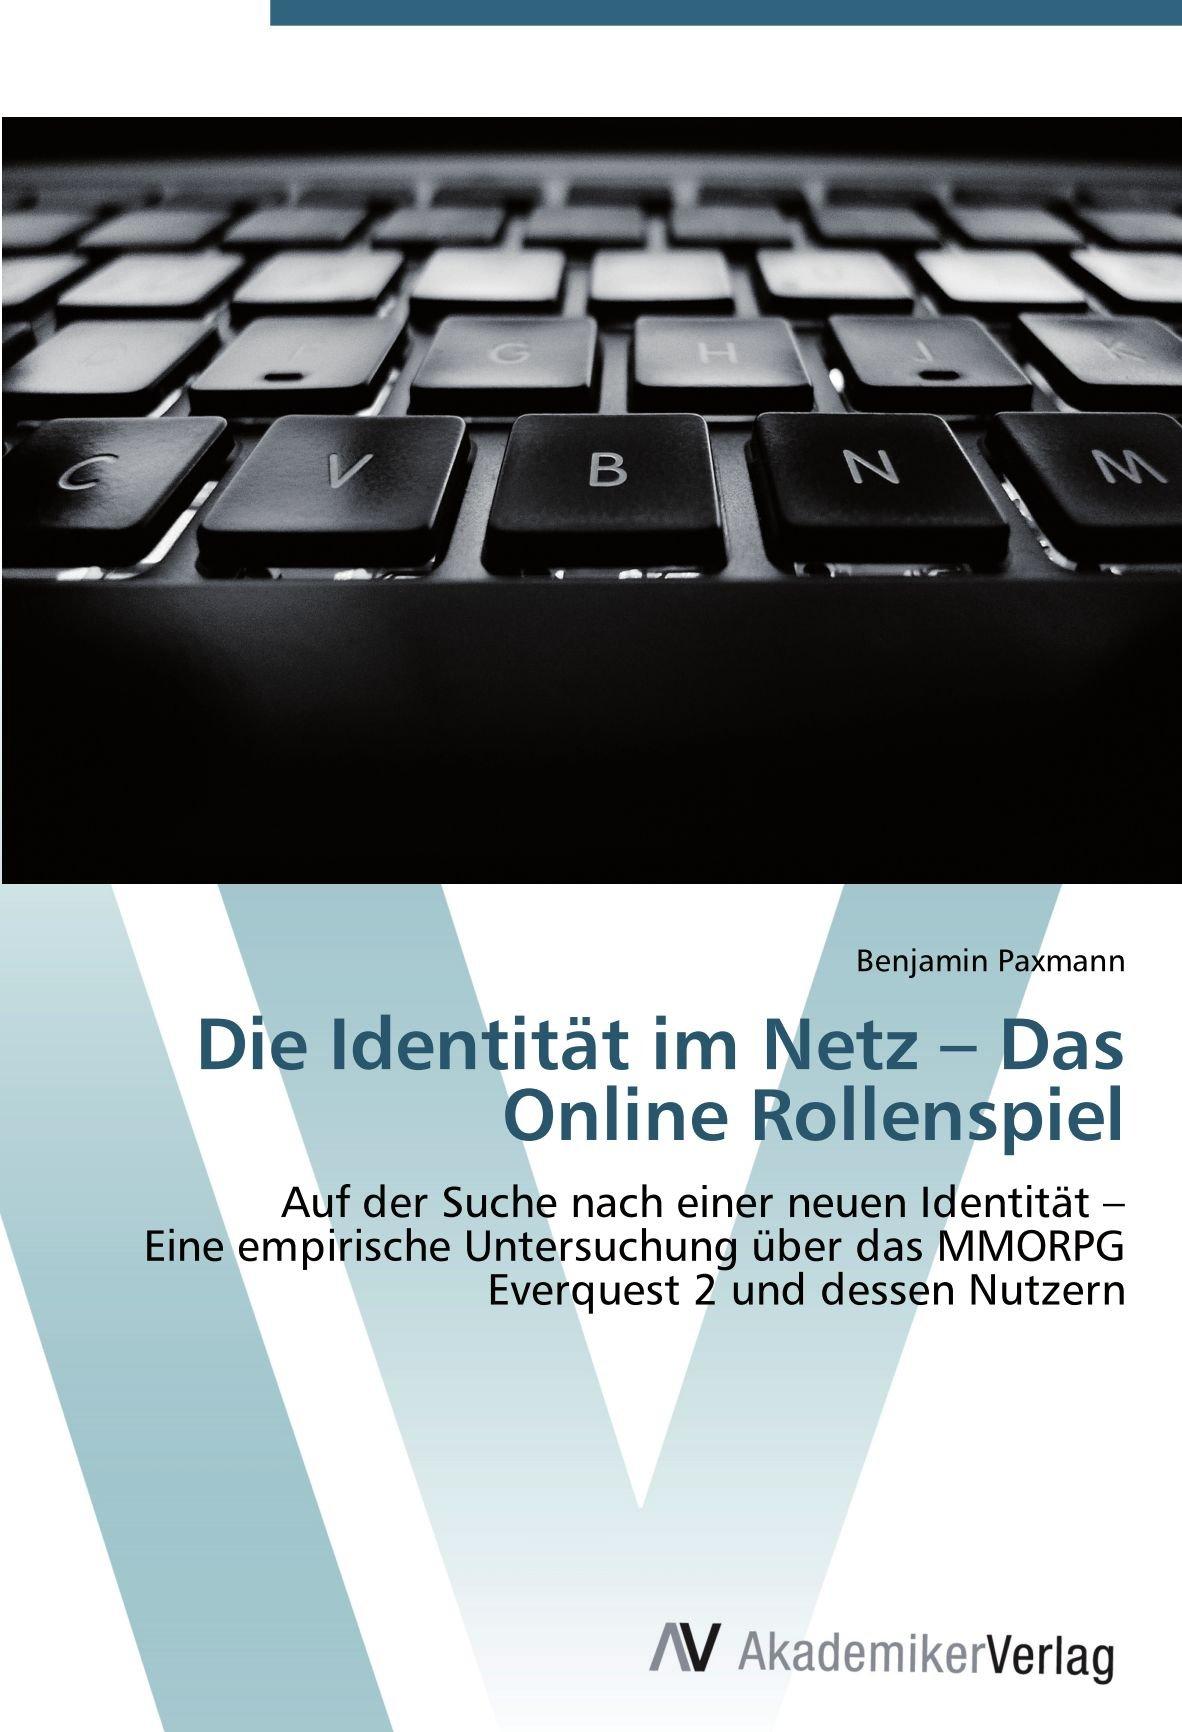 Die Identität im Netz – Das Online Rollenspiel: Auf der Suche nach einer neuen Identität – Eine empirische Untersuchung über das MMORPG Everquest 2 und dessen Nutzern